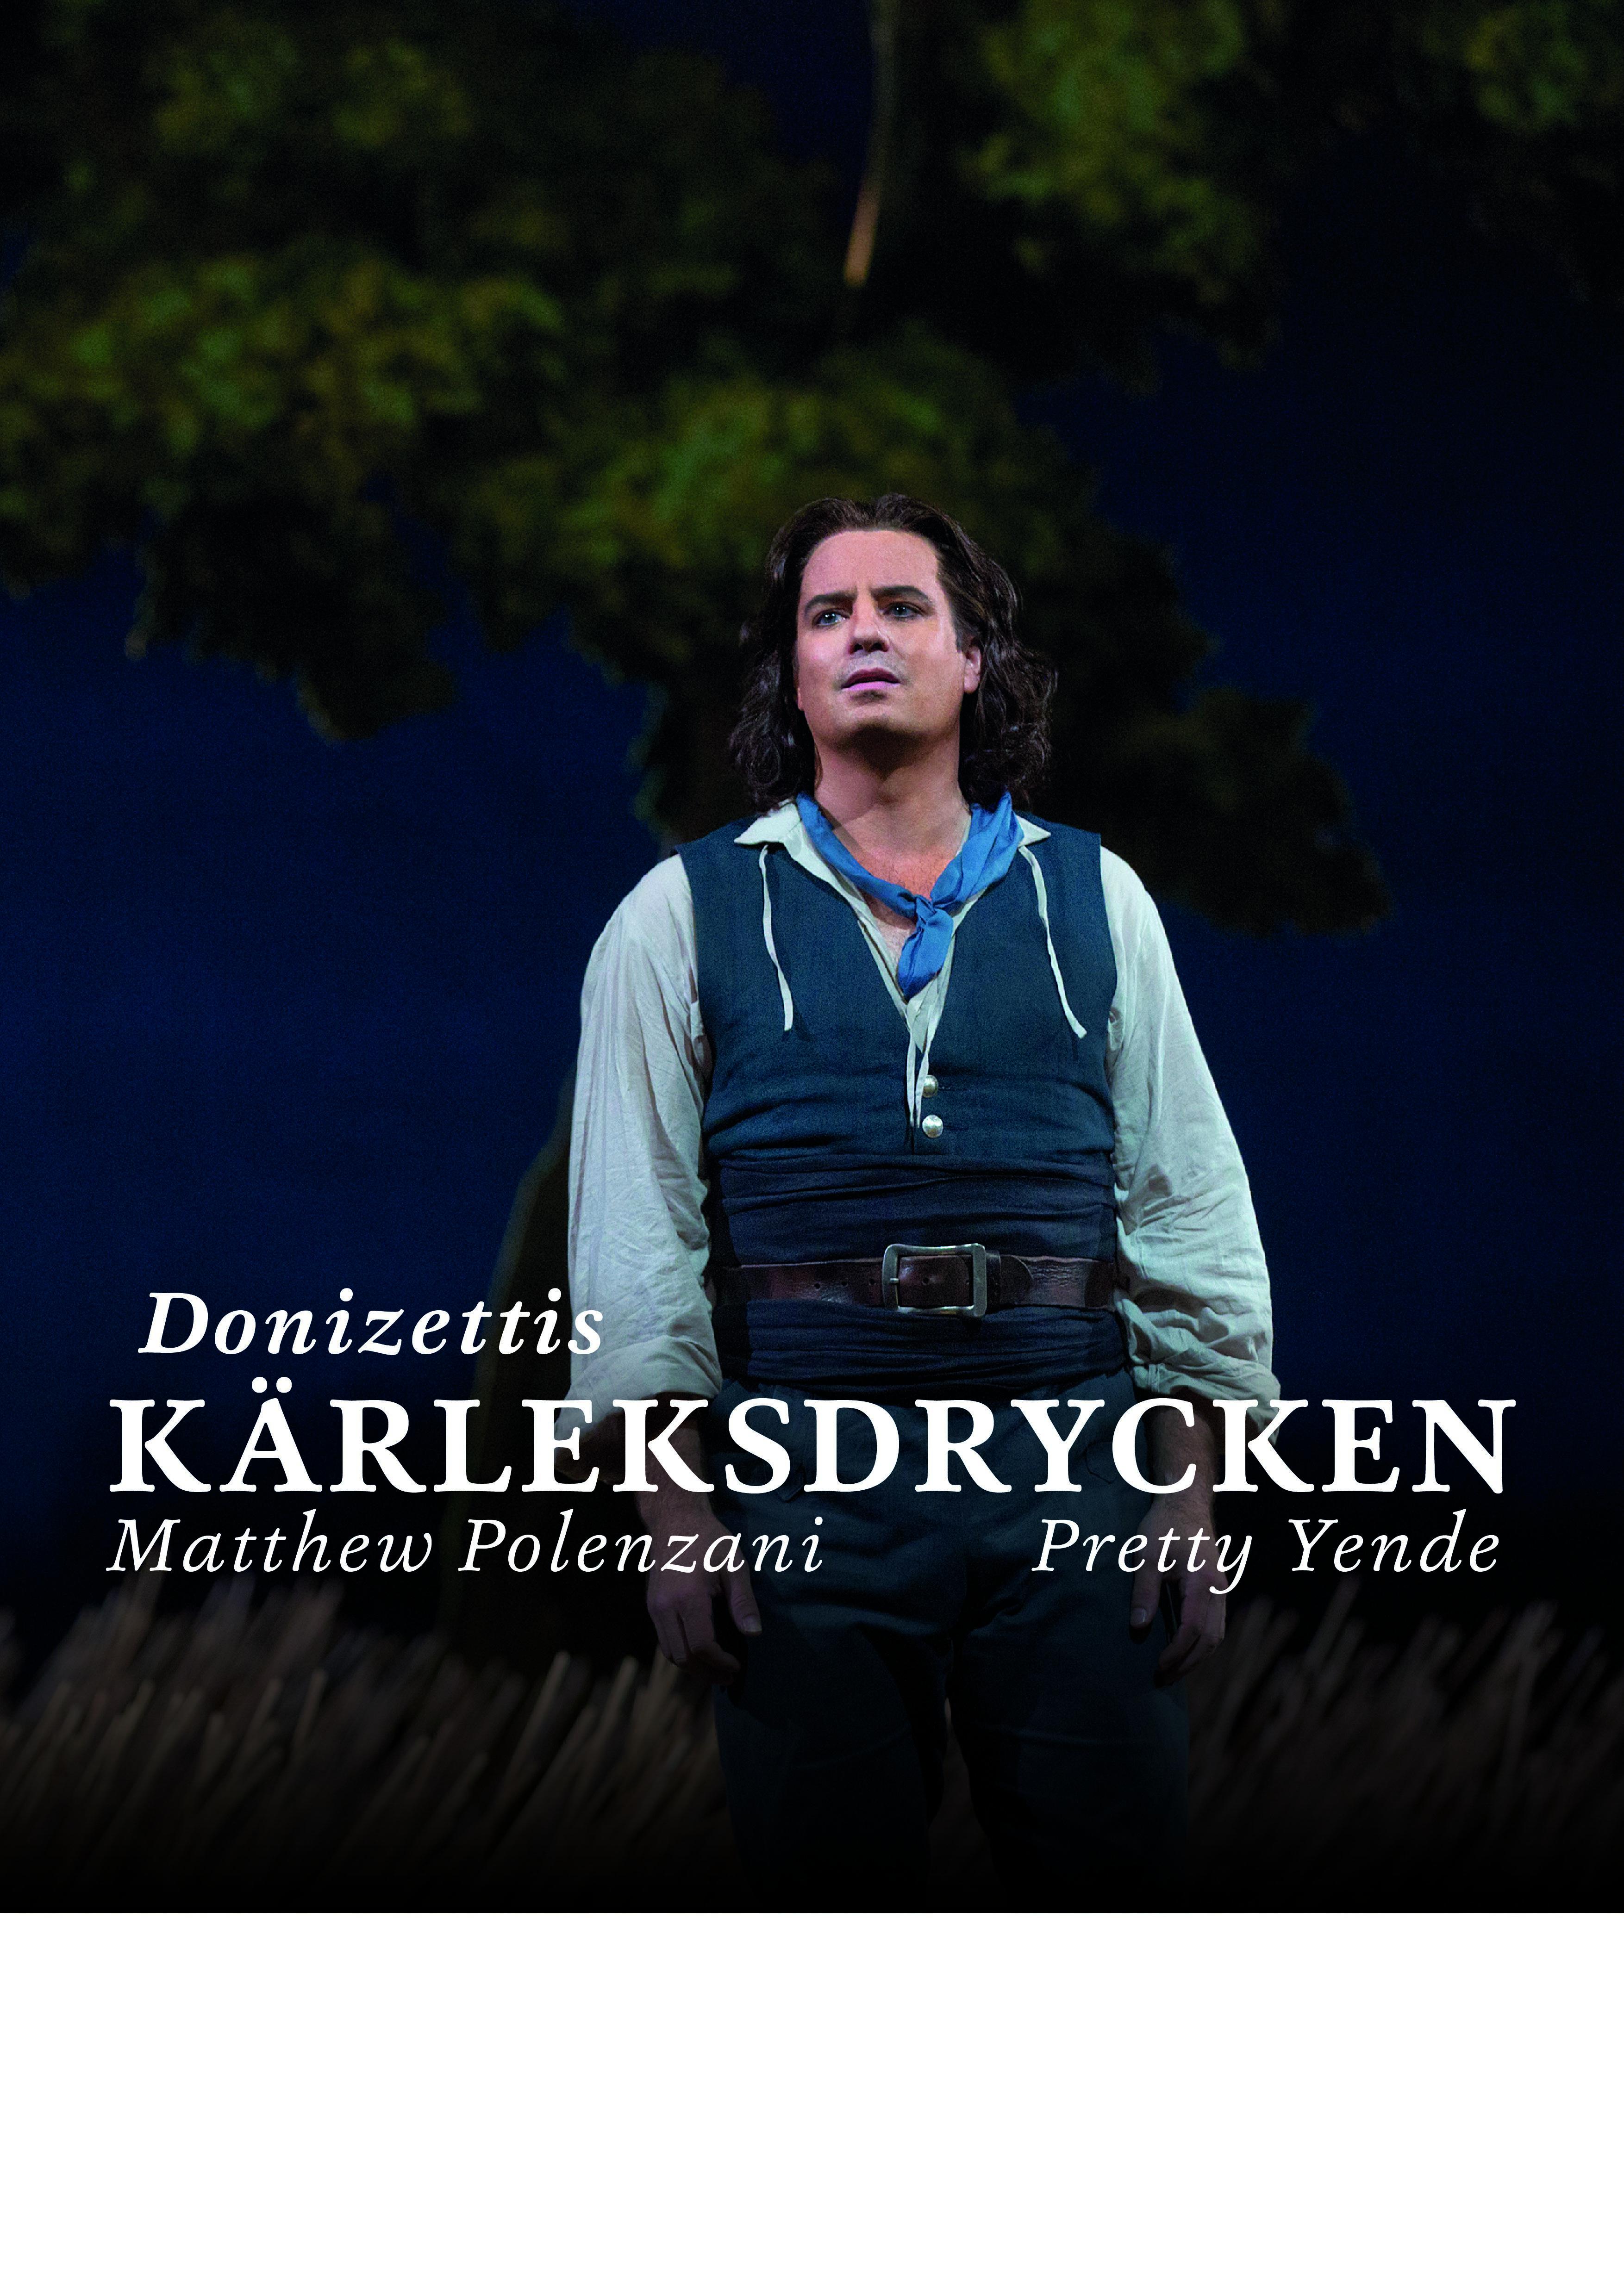 Live på bio -  Opera från Metropolitan - Kärleksdrycken